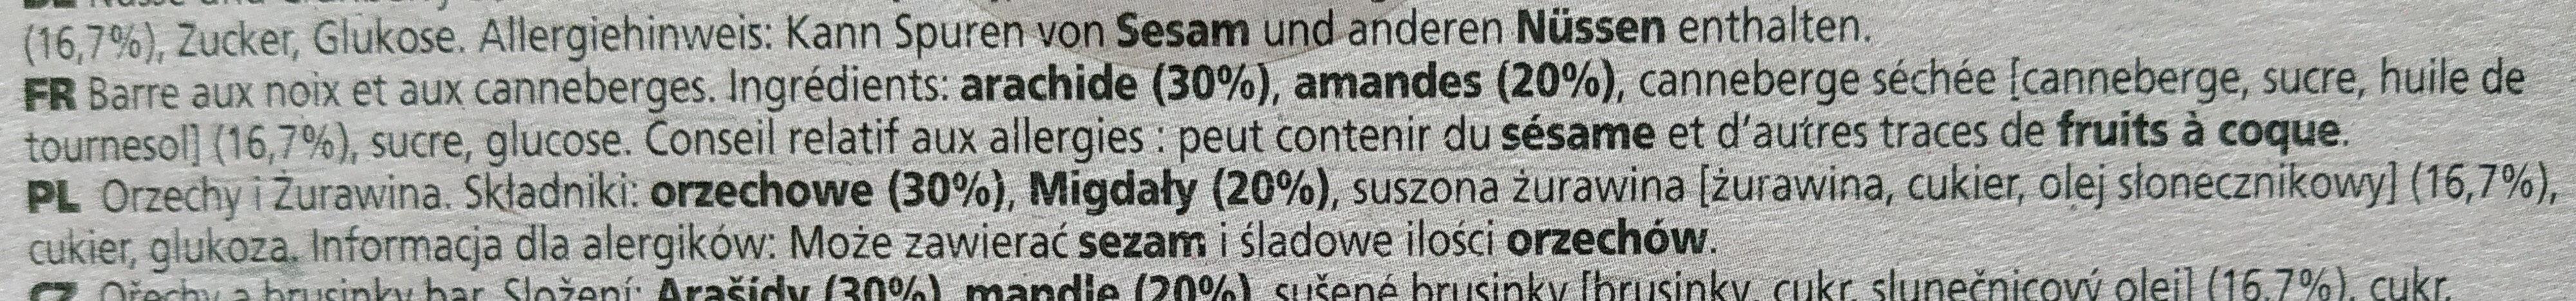 Nutbar - Ingrédients - fr